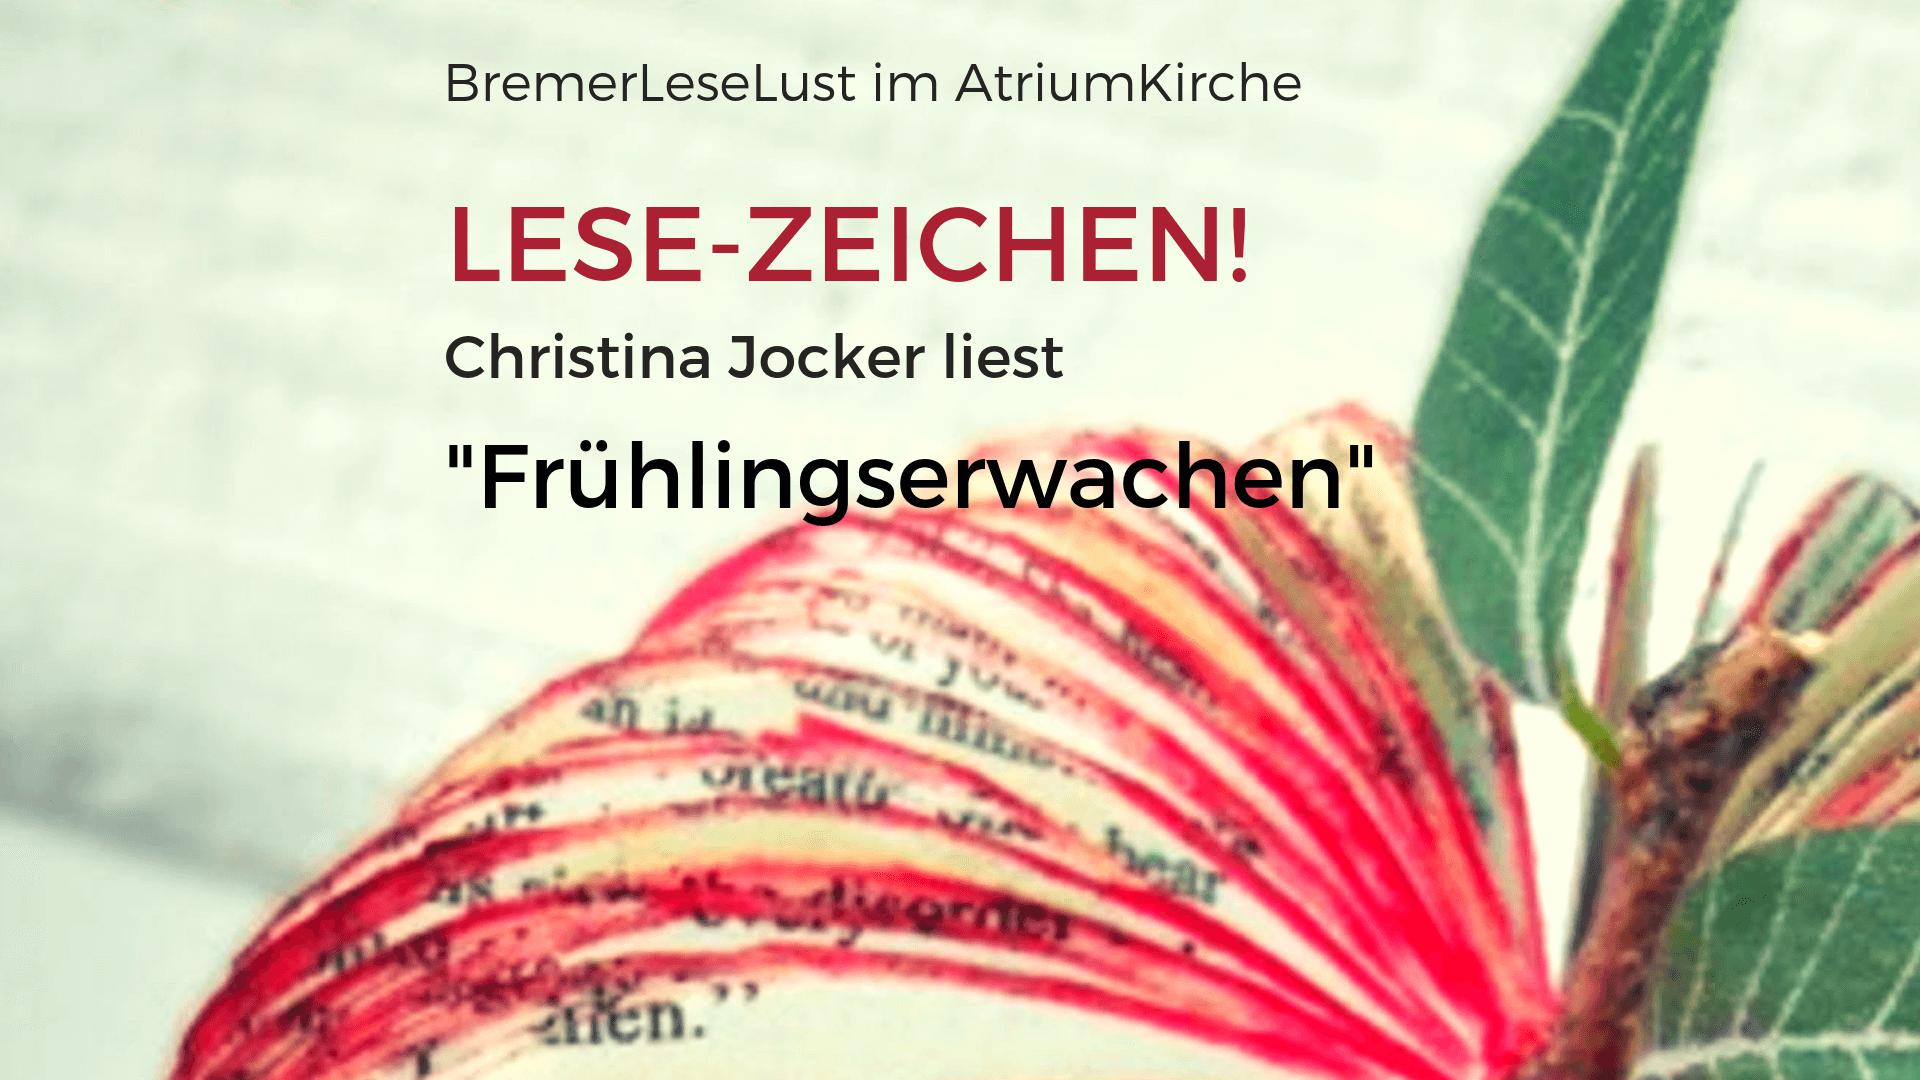 2019-04-01-LESE-ZEICHEN